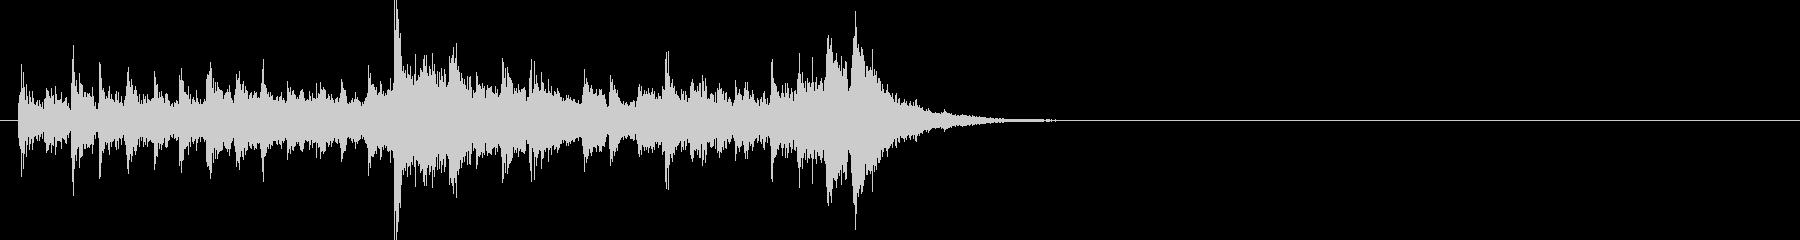 ジングル(クイズ・タッチ)の未再生の波形